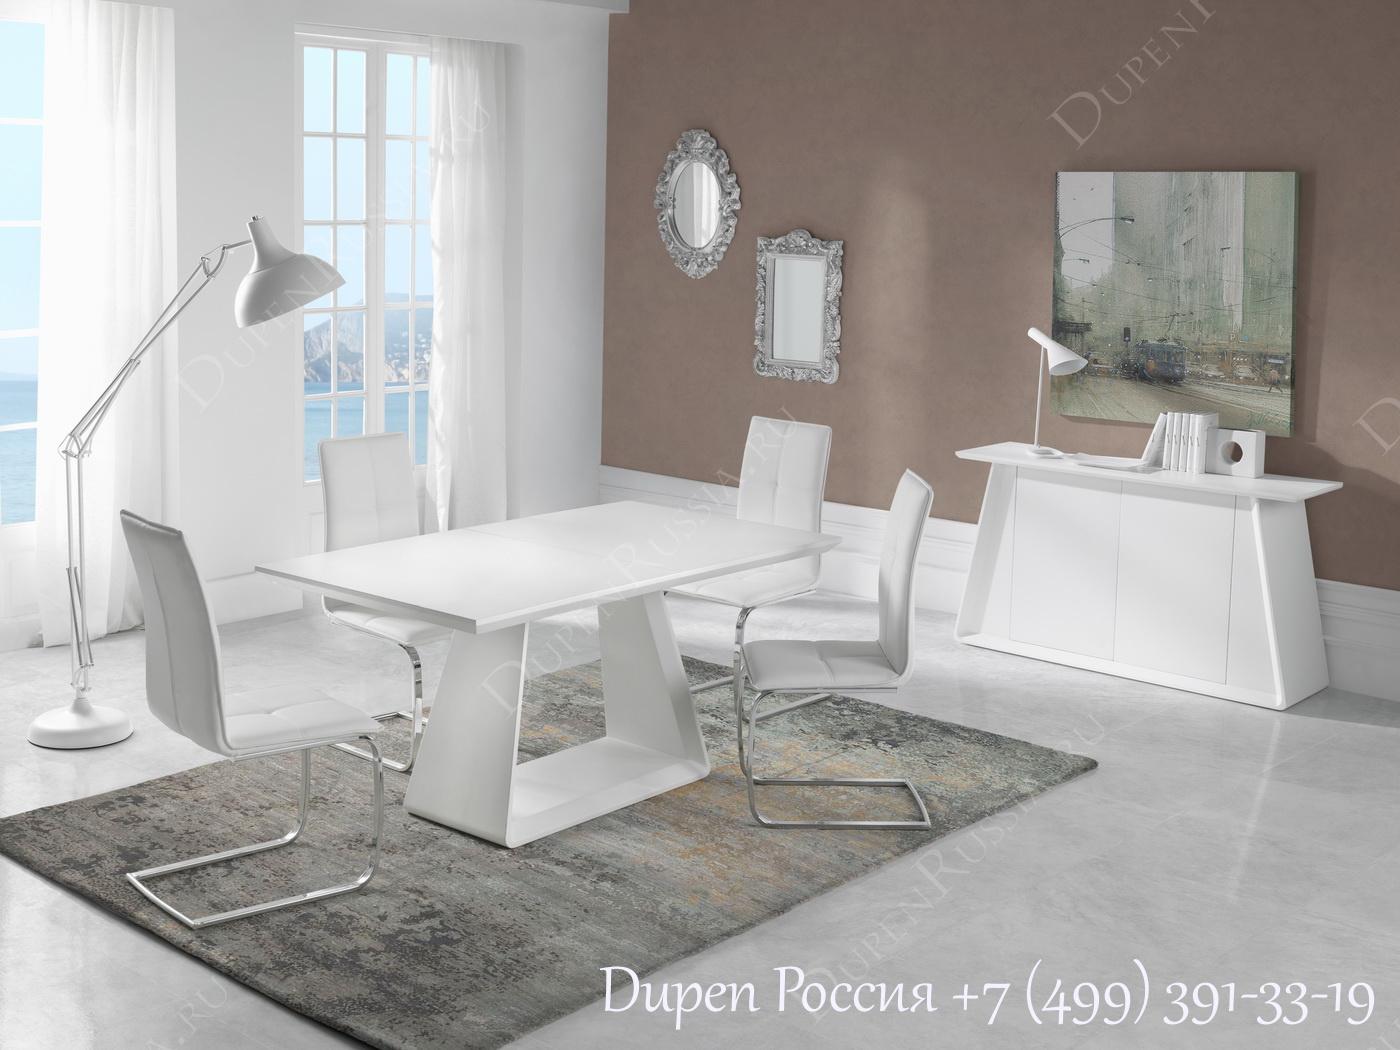 Обеденный стол DUPEN DT-22 Раскладной Белый полуматовый, Стулья DUPEN DC - 105, Буфет DUPEN W-103